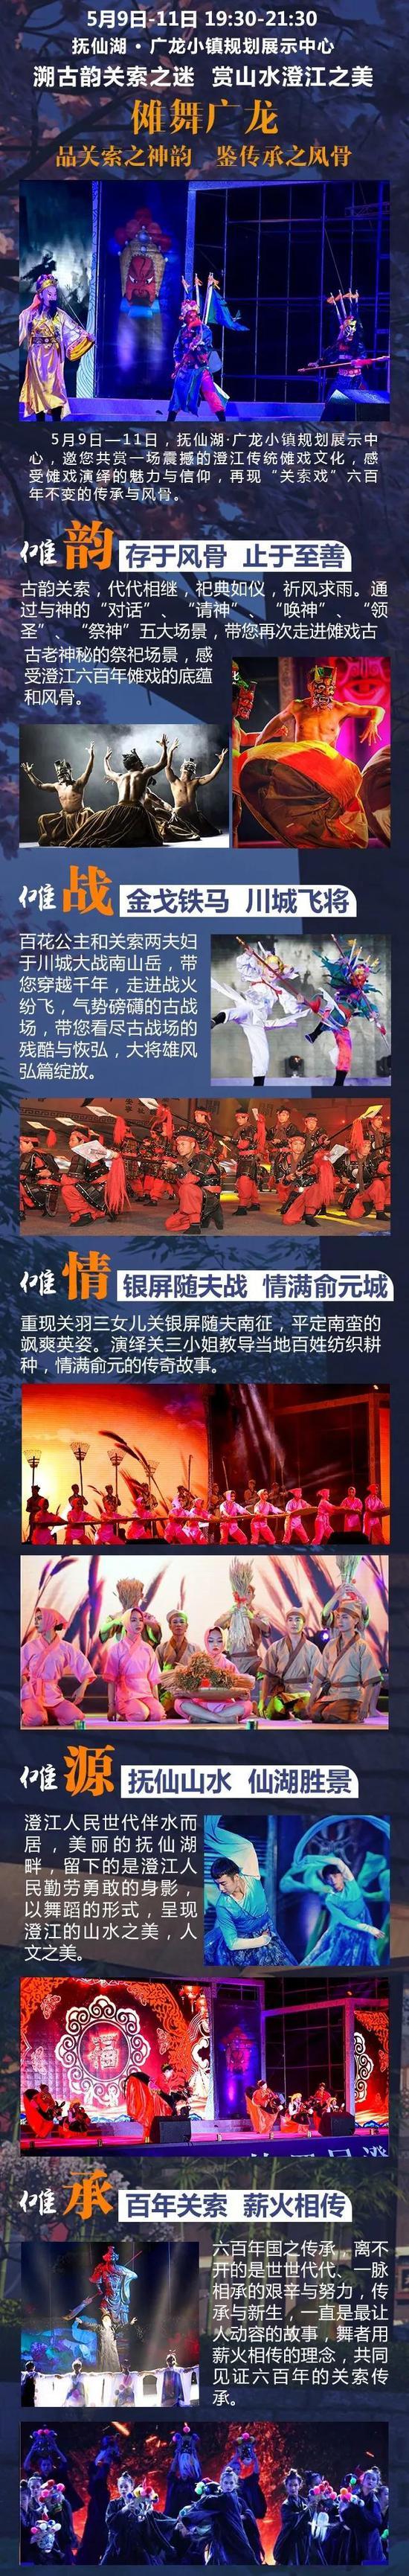 (来源:澄江景兰文化)